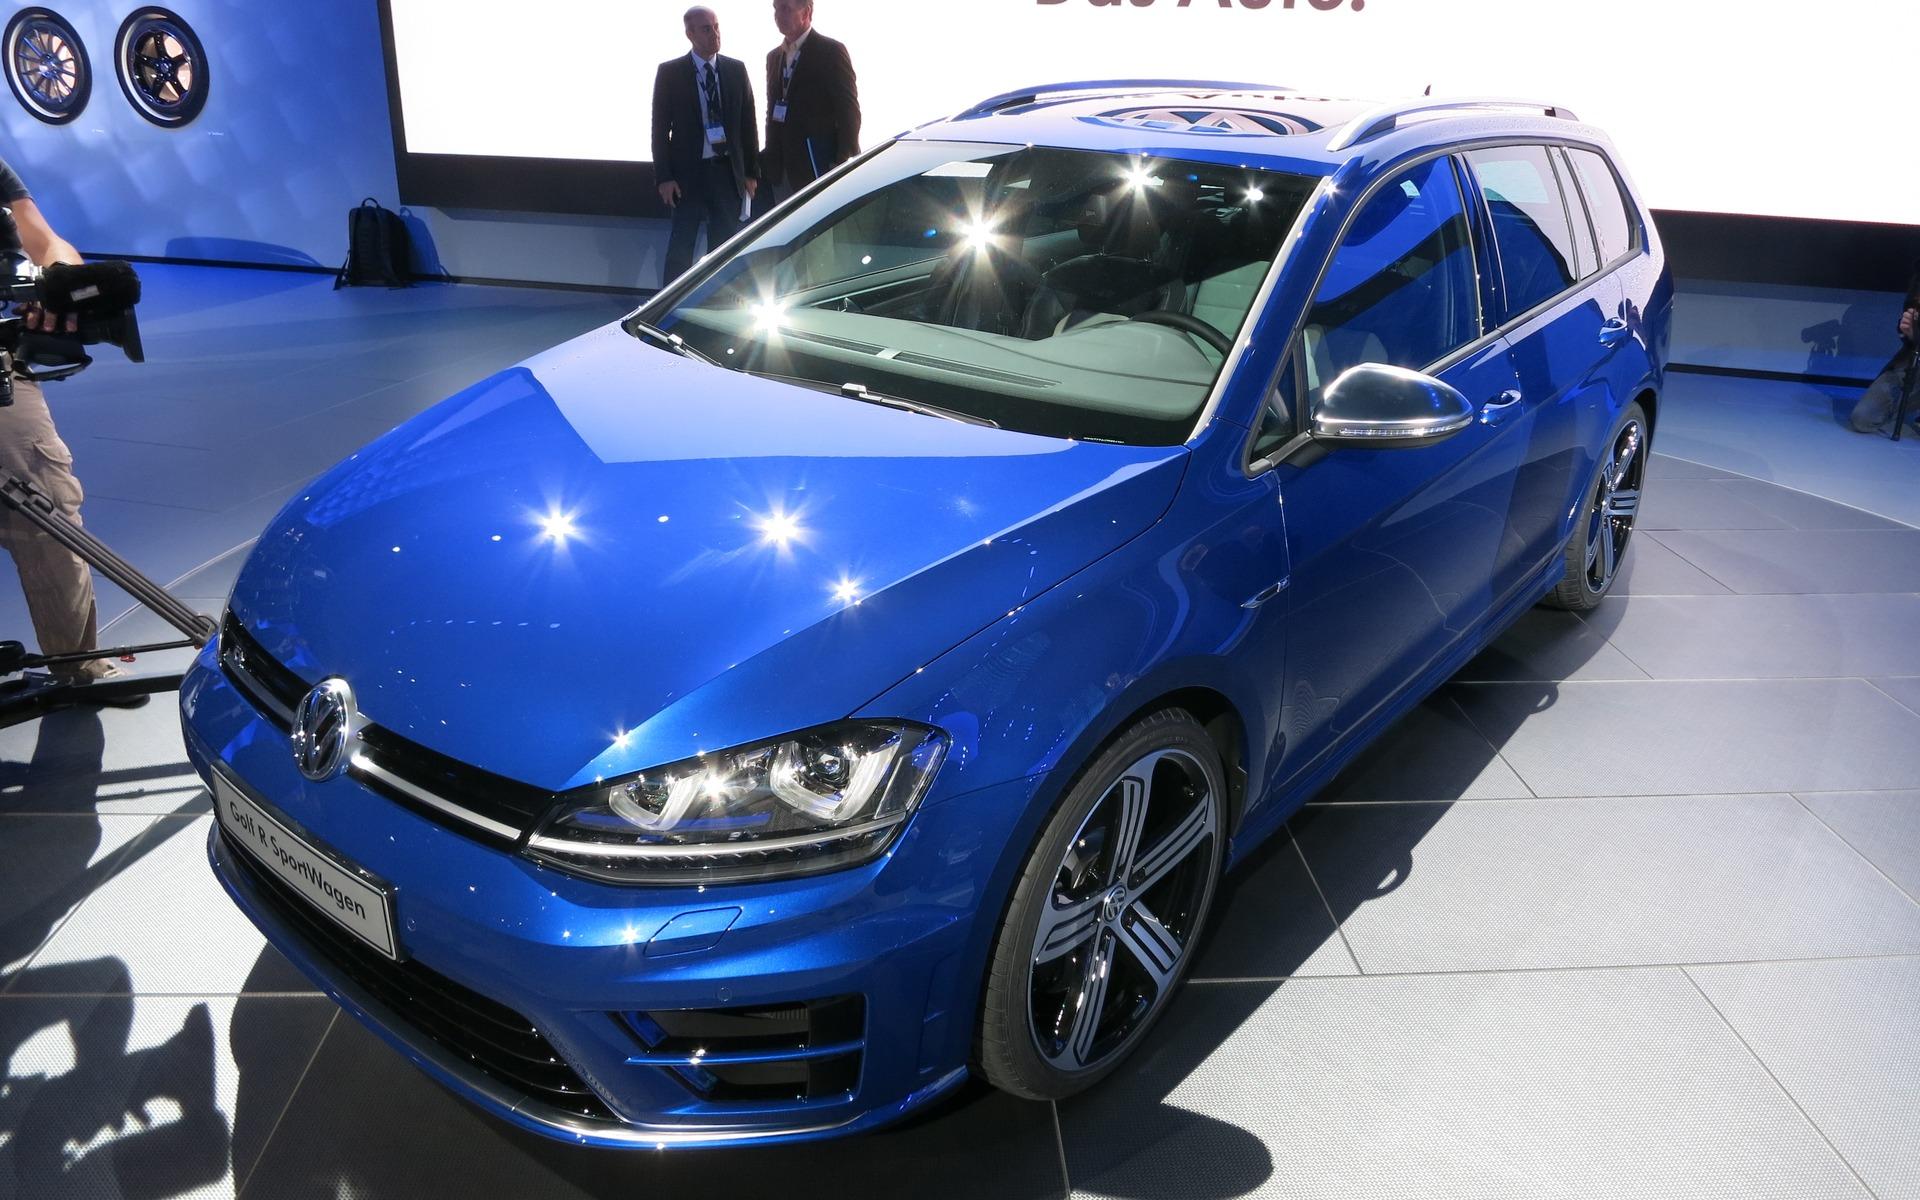 2015 Volkswagen Golf R Sportwagon